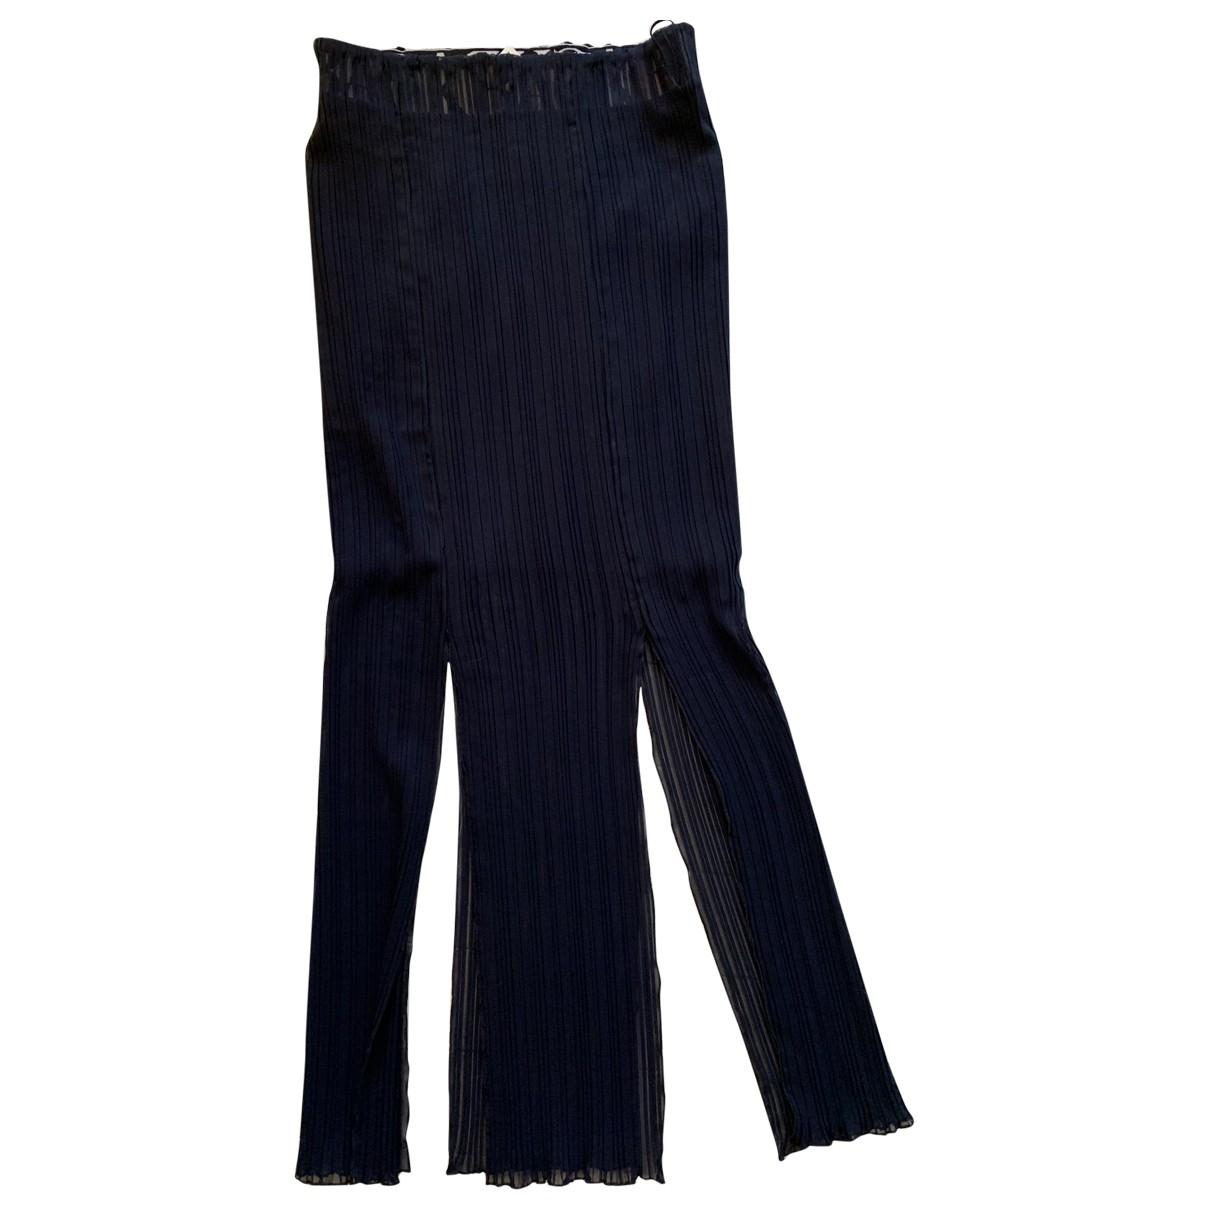 Ann-sofie Back \N Navy skirt for Women 12 UK